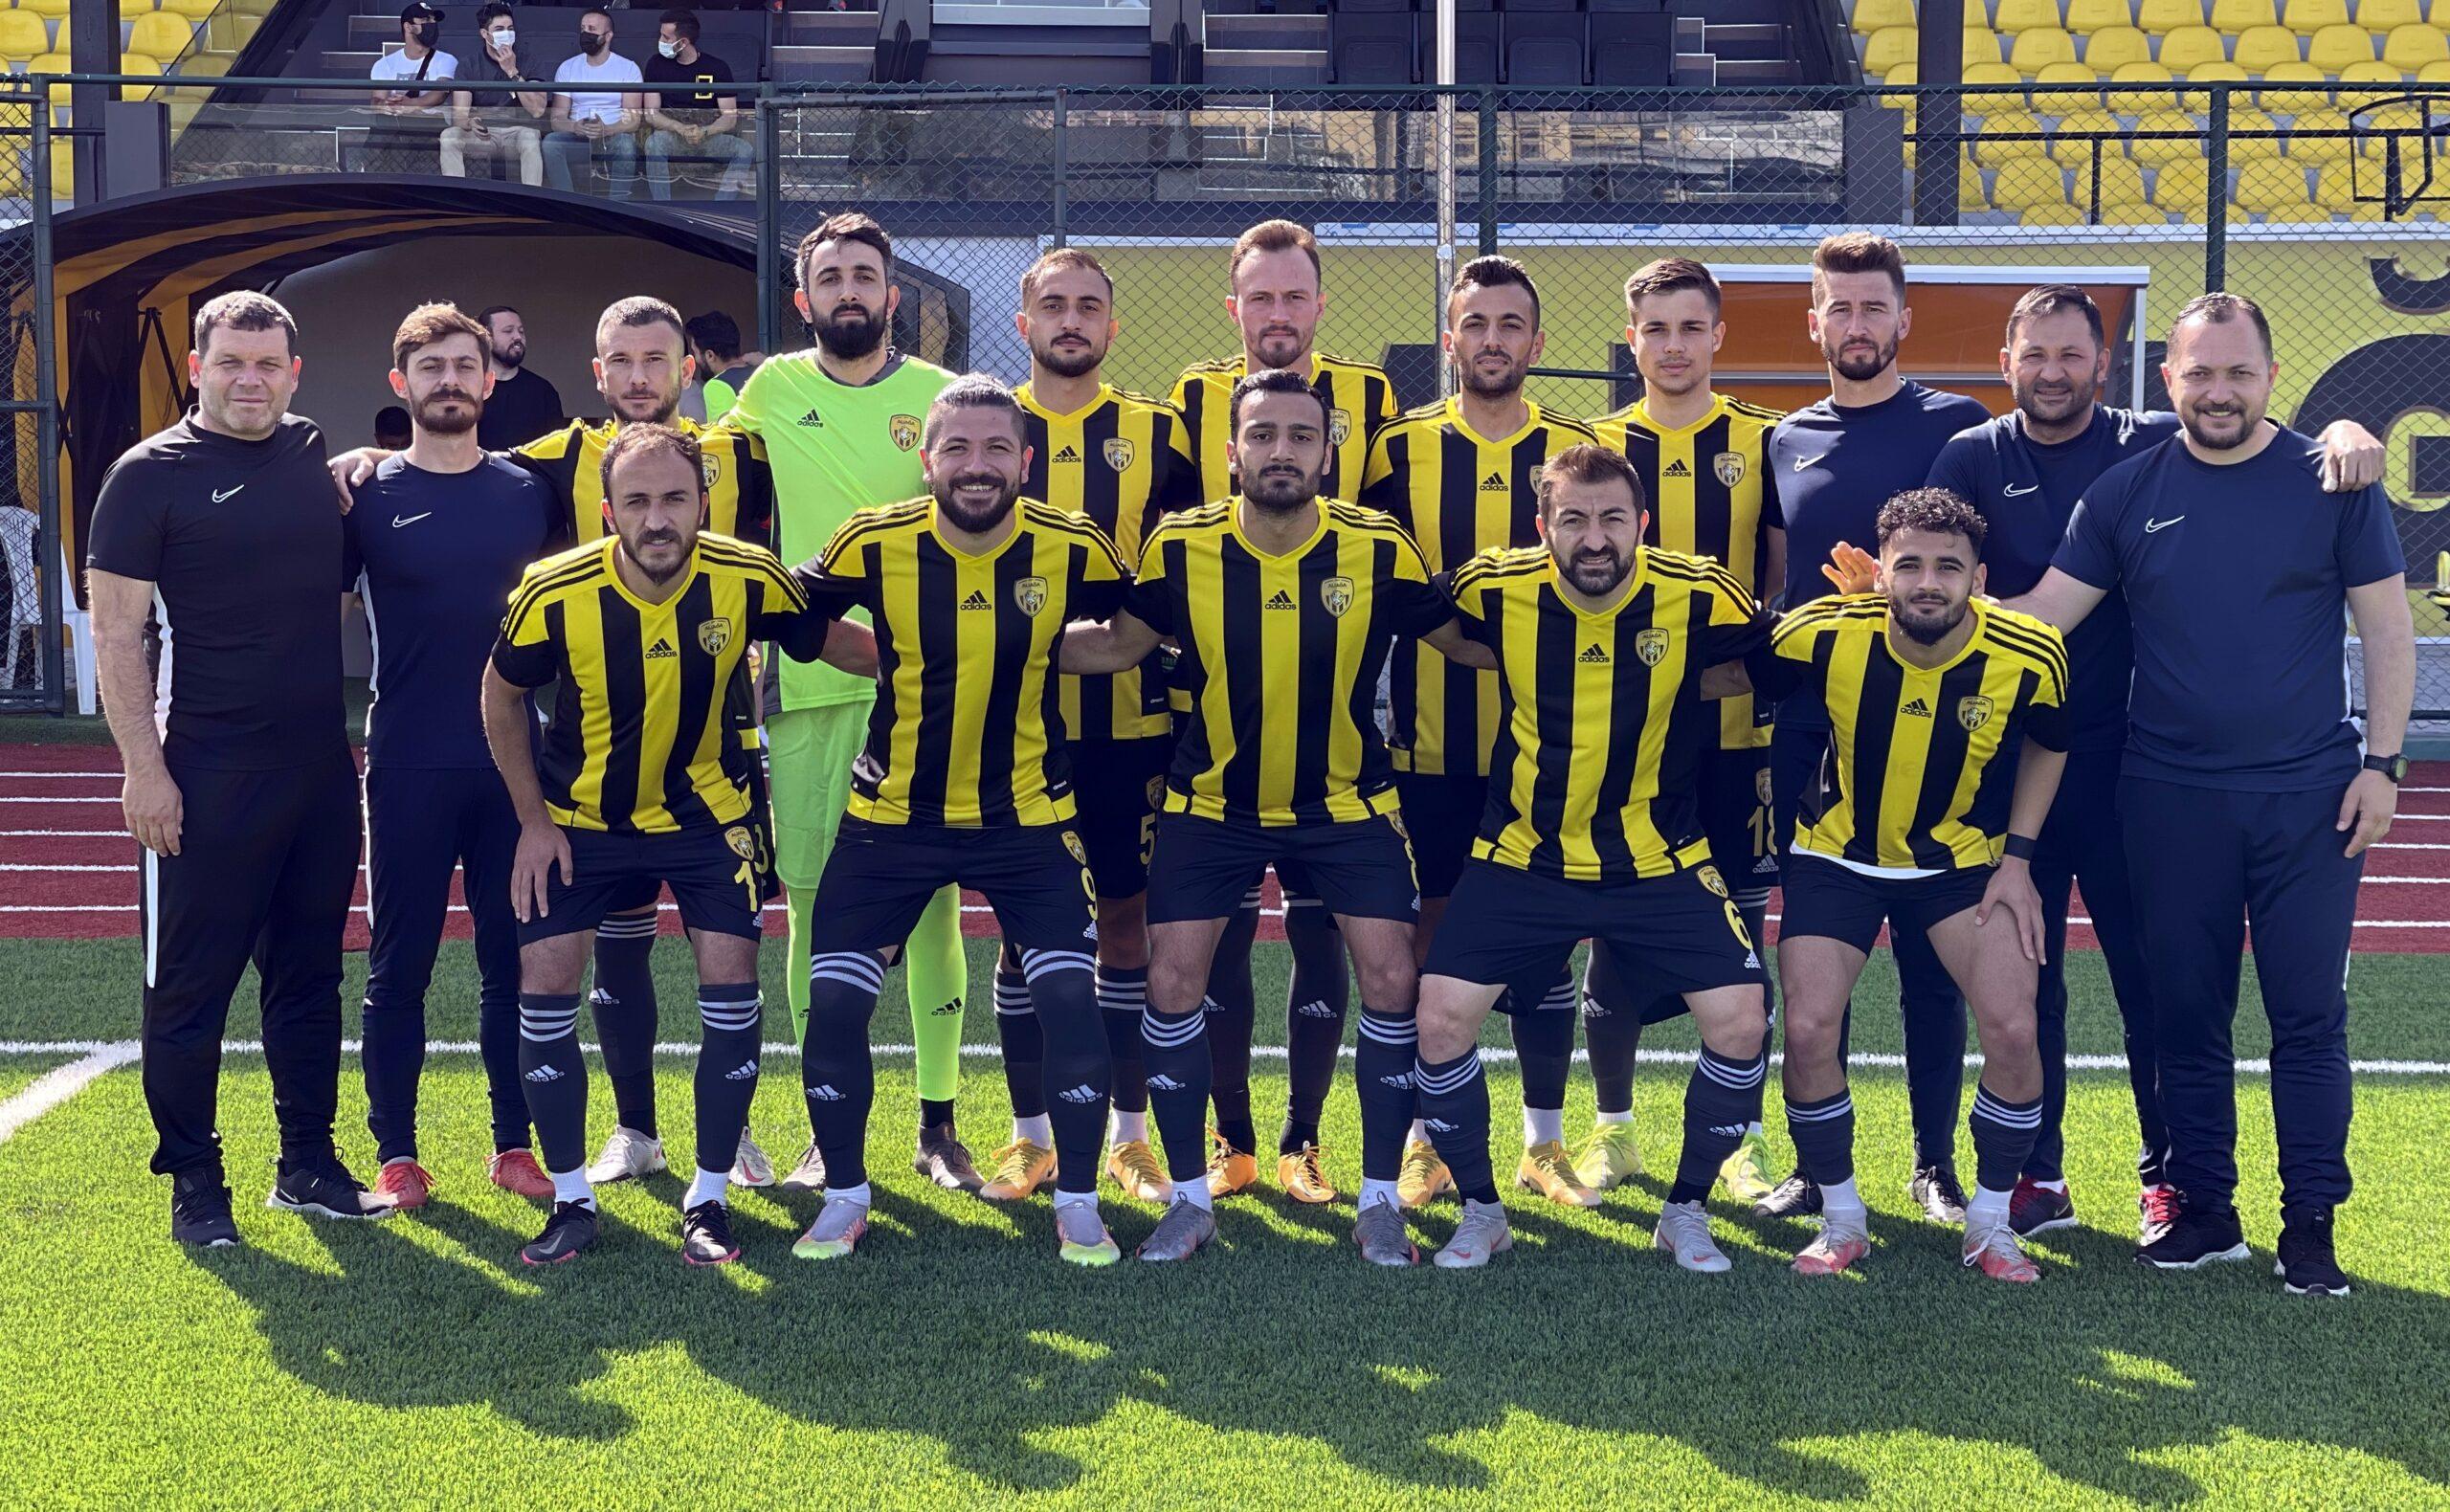 LİG YAKLAŞIYOR, ALİAĞASPOR FK HAZIRLIK MAÇLARINA DEVAM EDİYOR..